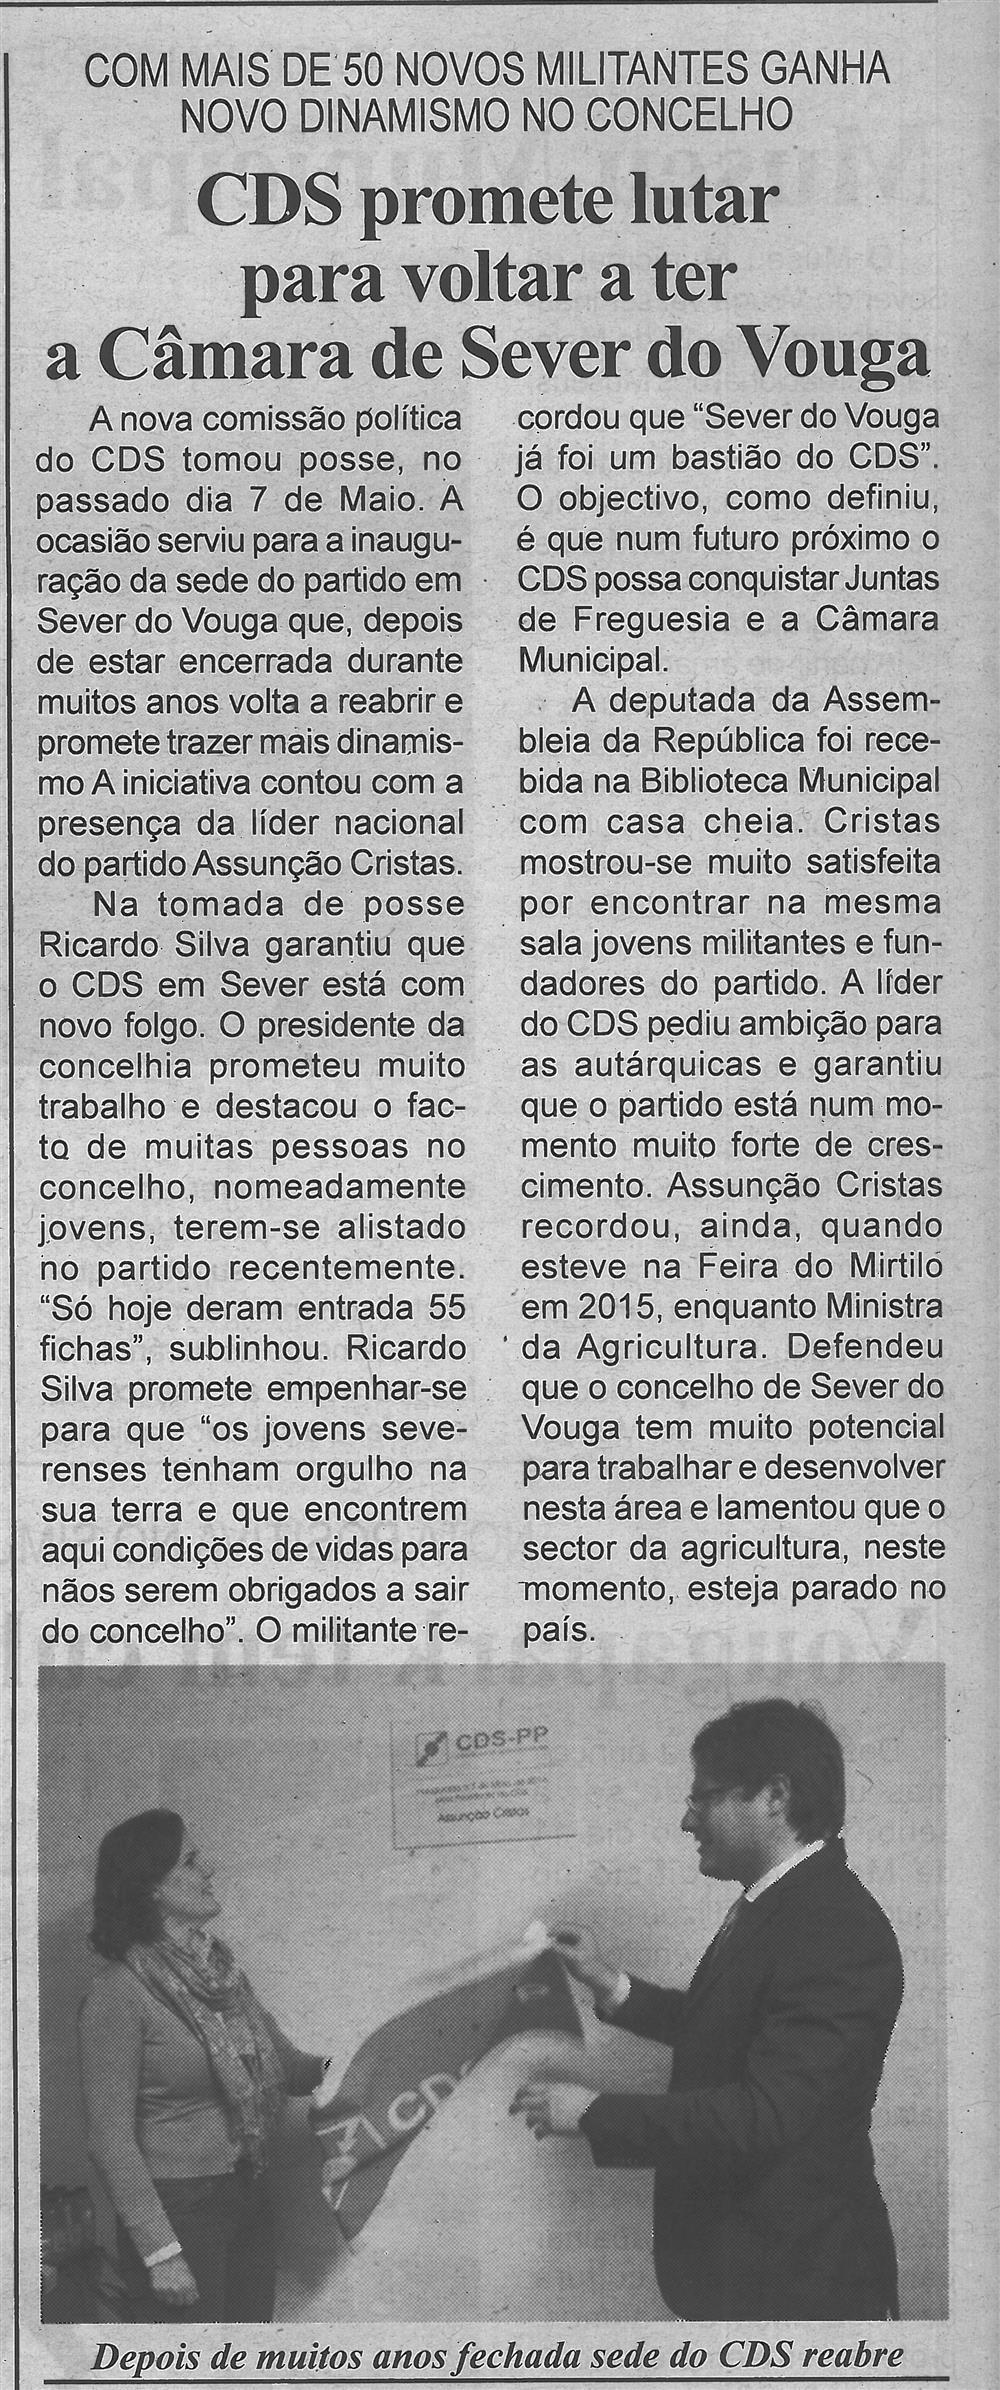 BV-2.ªmaio'16-p.4-CDS promete lutar para voltar a ter a Câmara de Sever do Vouga : com mais de 50 novos militantes ganha novo dinamismo no concelho.jpg